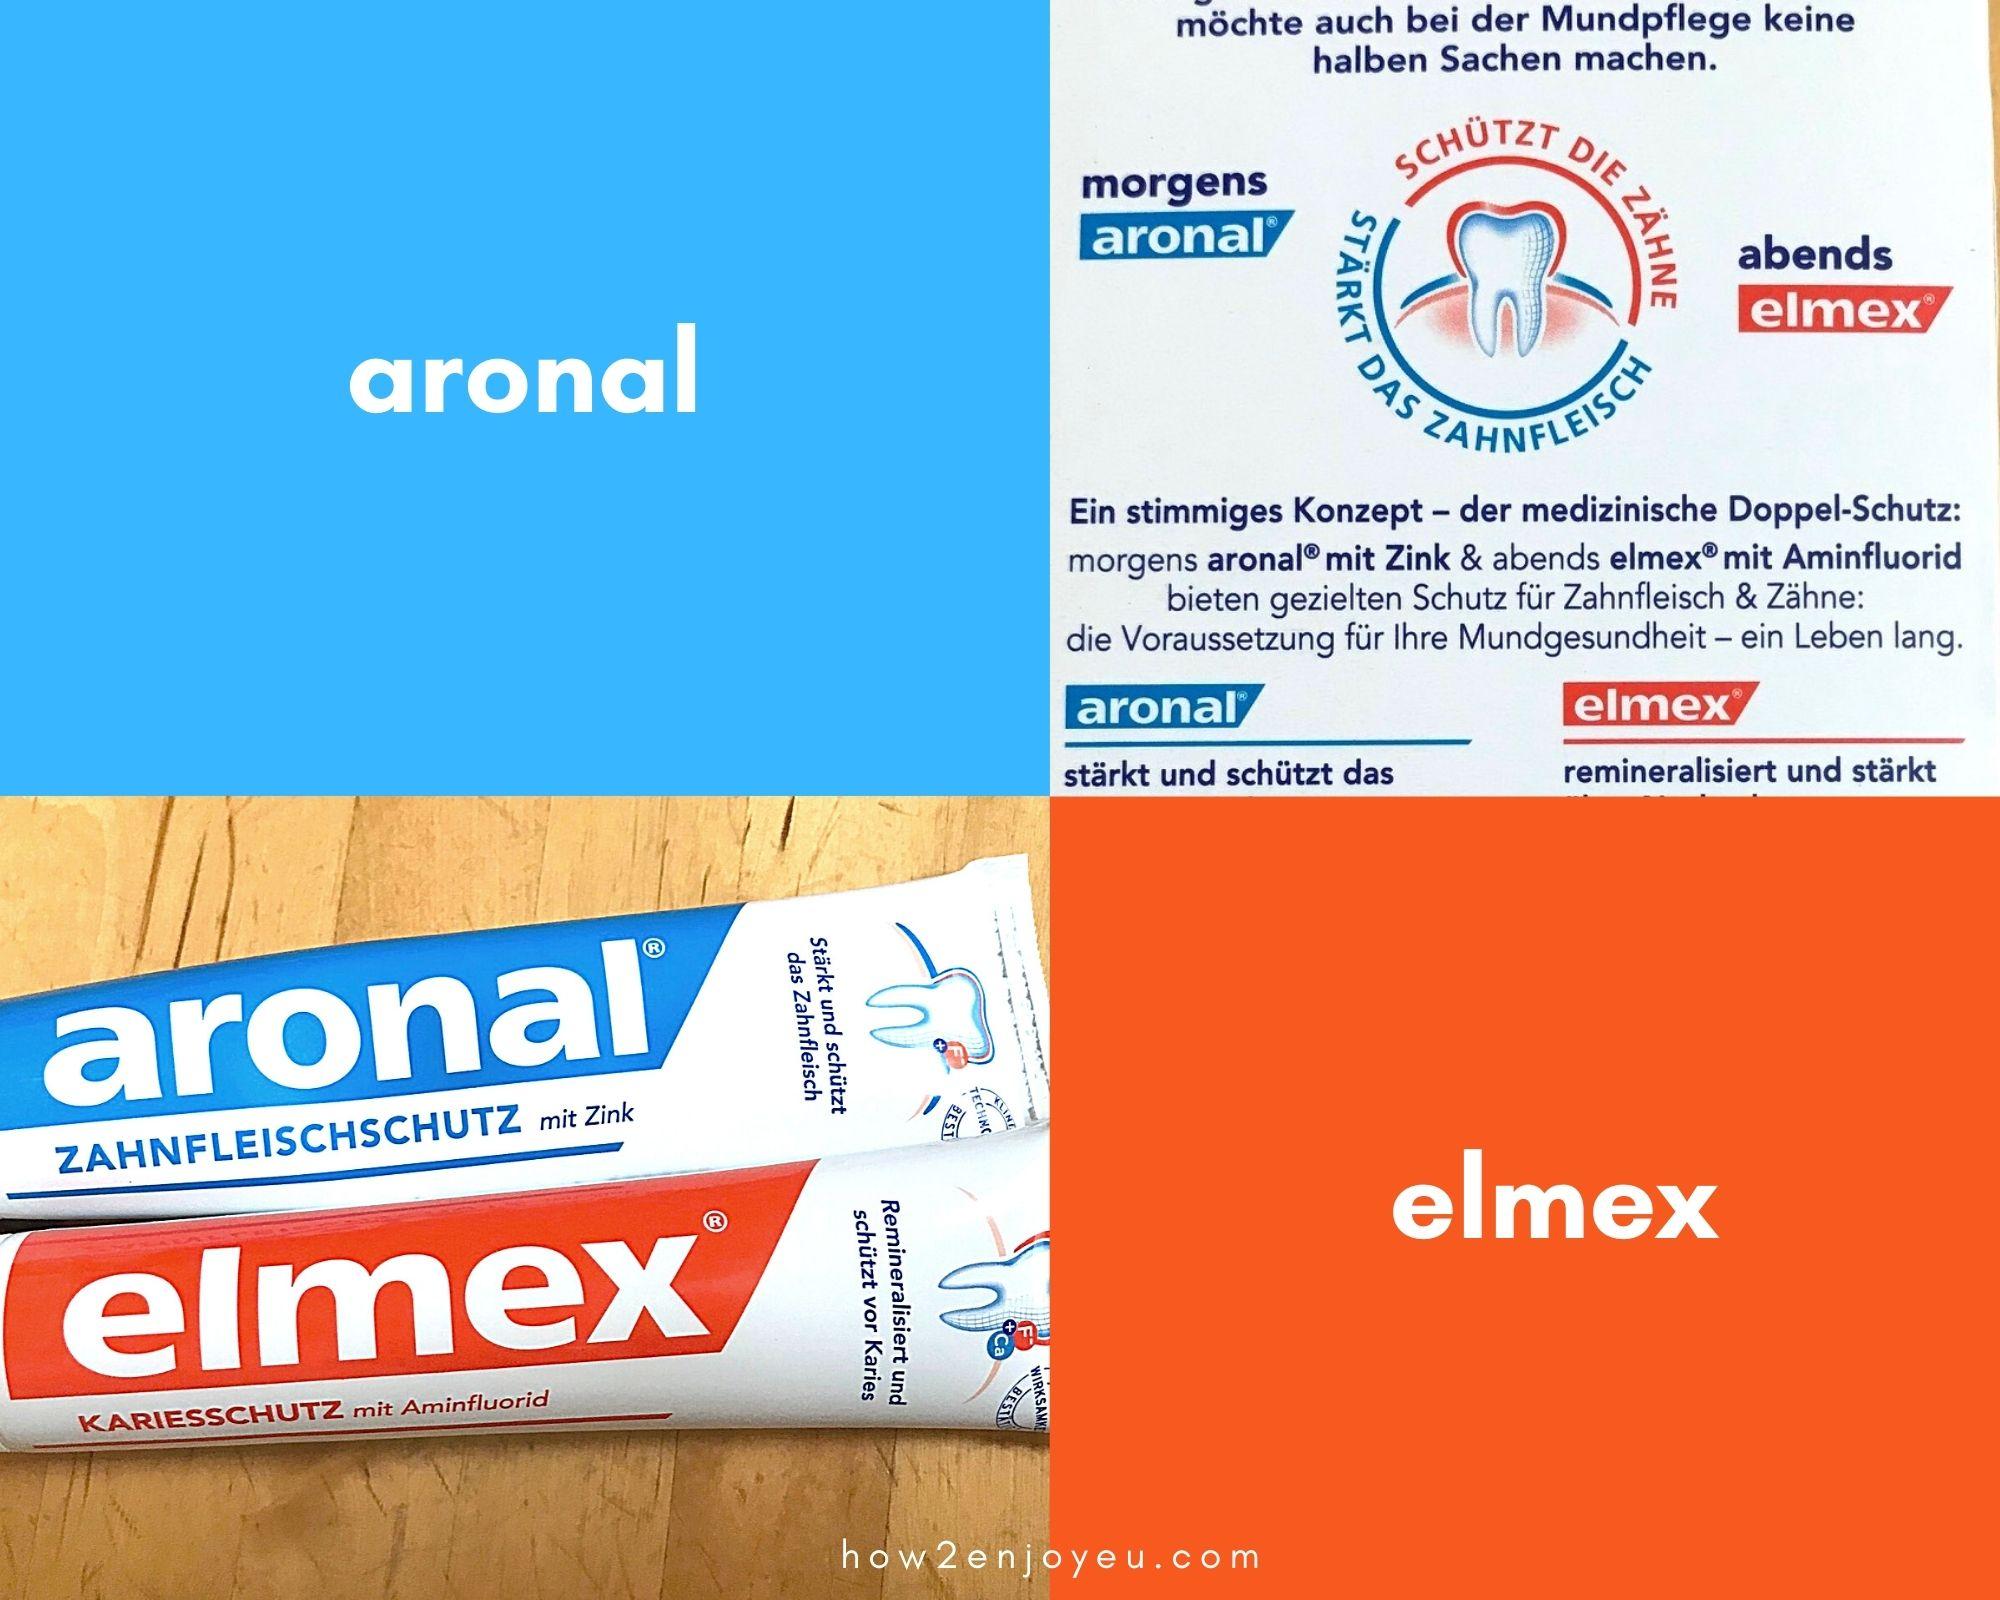 ドイツでは歯磨き粉は朝用と夜用、使い分けるのが当たり前?